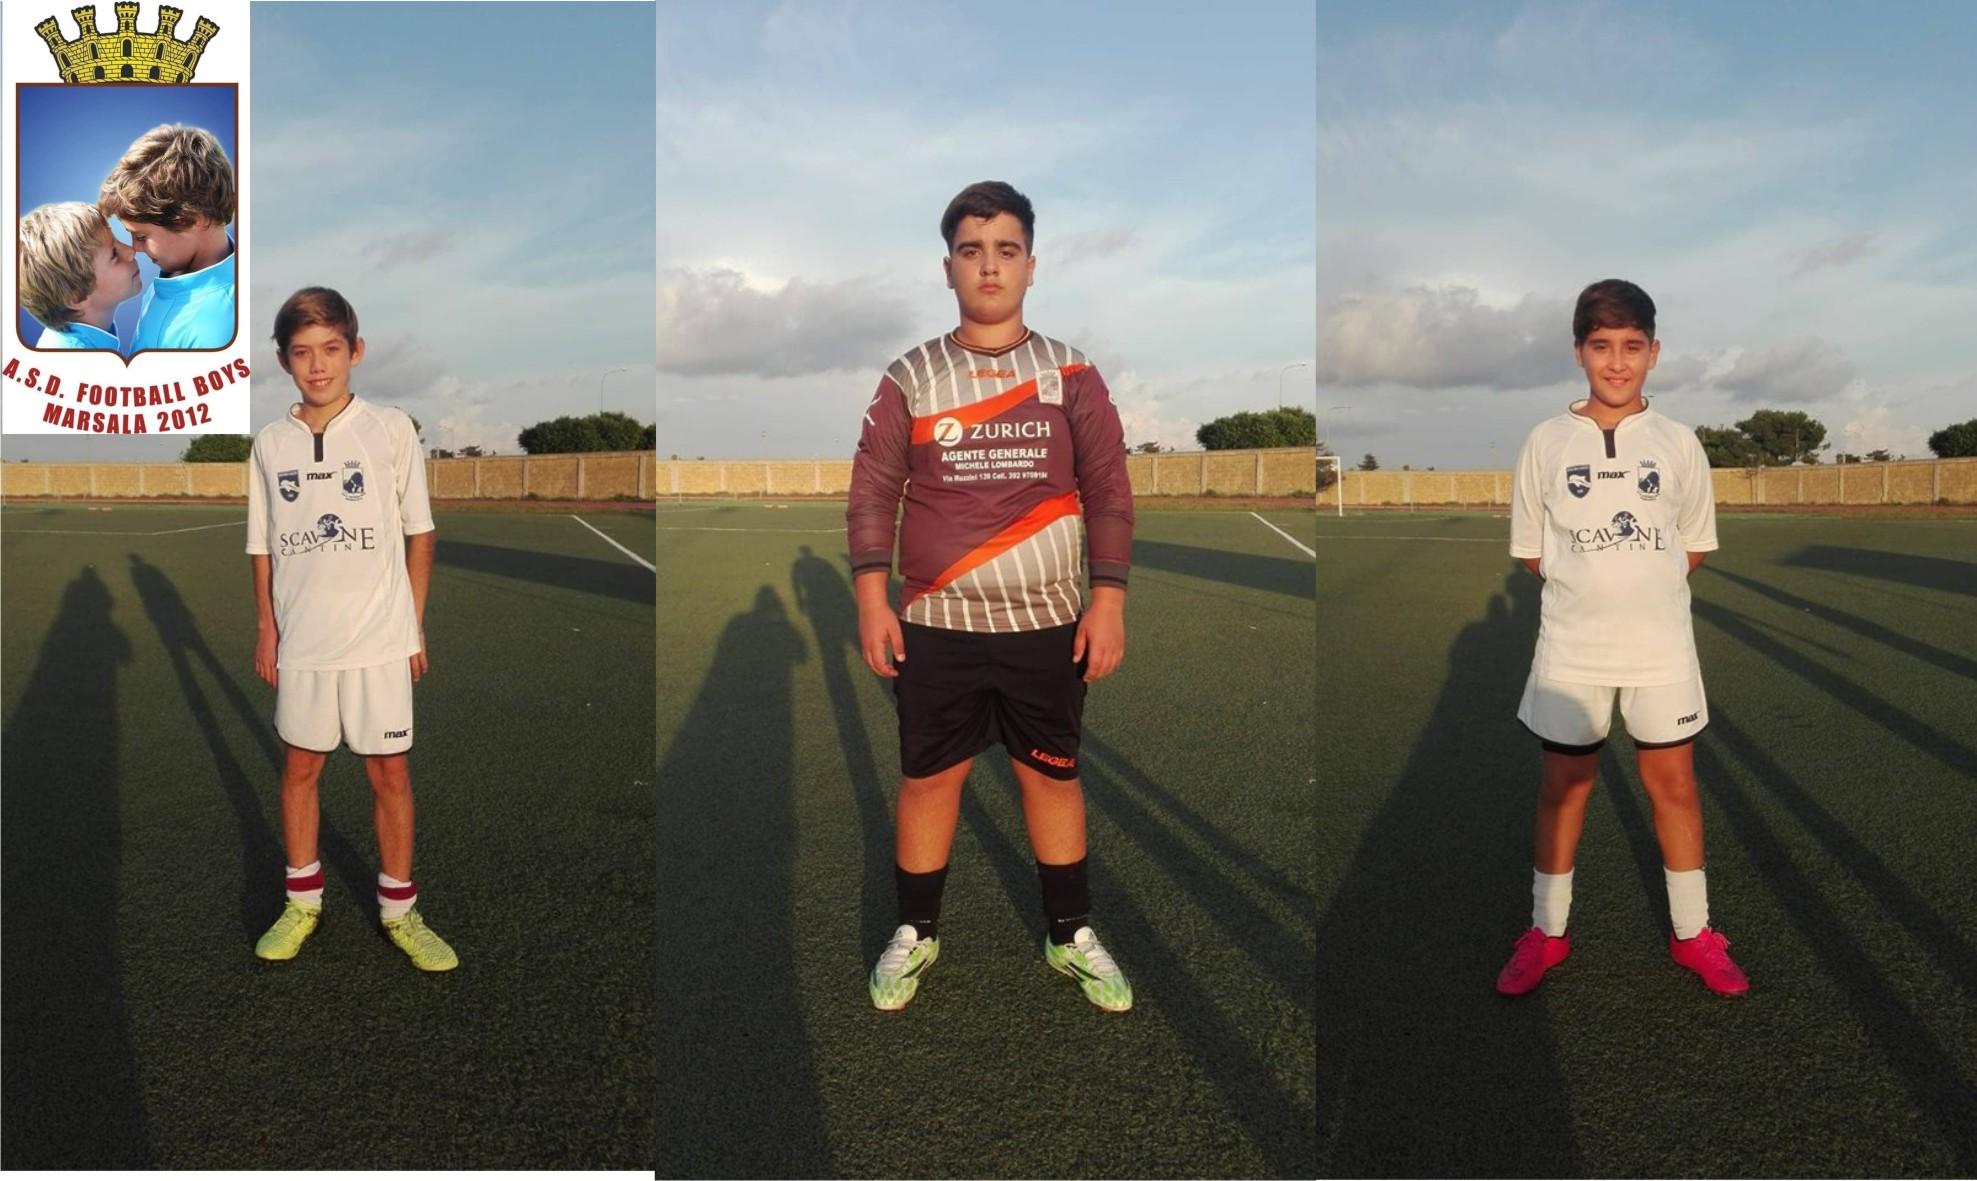 Tre giovani della scuola calcio Football Boys di Marsala verranno visionati a Napoli